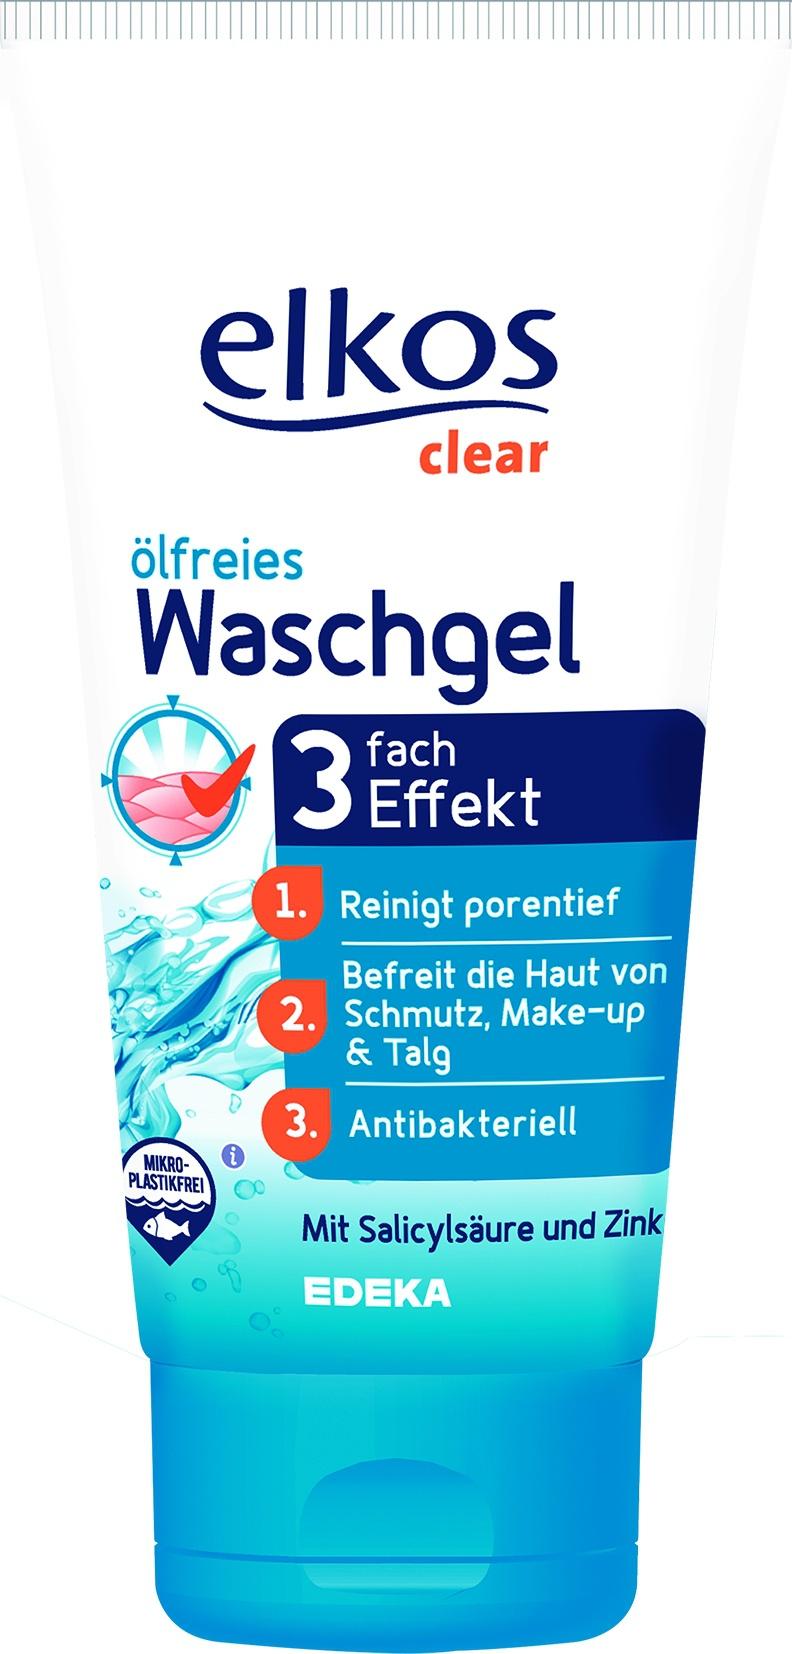 Elkos Oil Free Wash Gel (3 Fach Effekt)